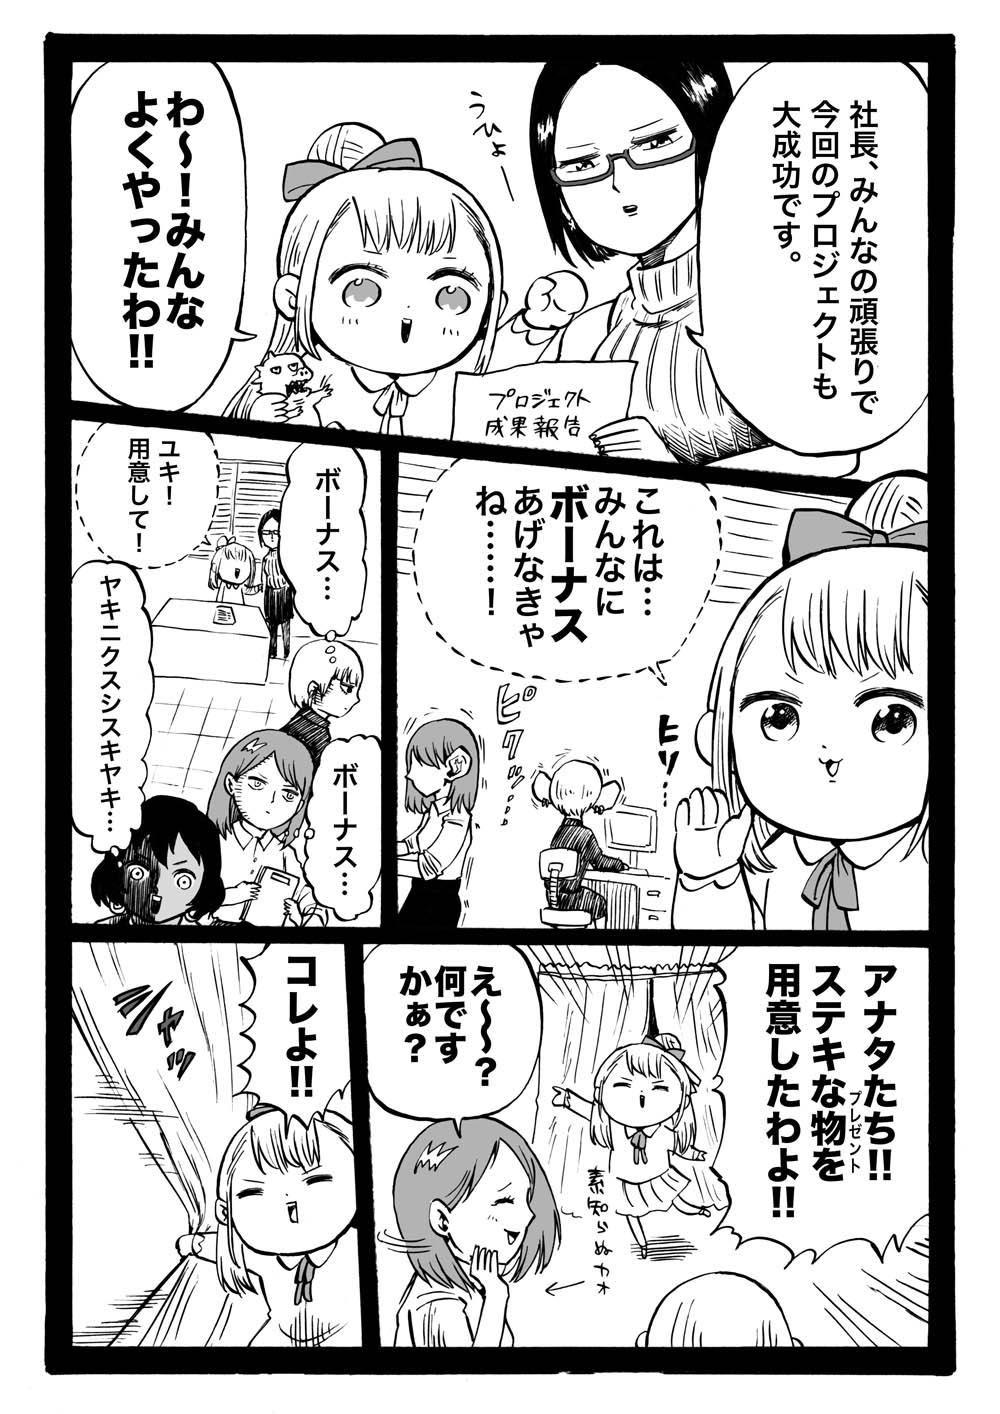 幼女社長(ぼーなす(単行本収録))